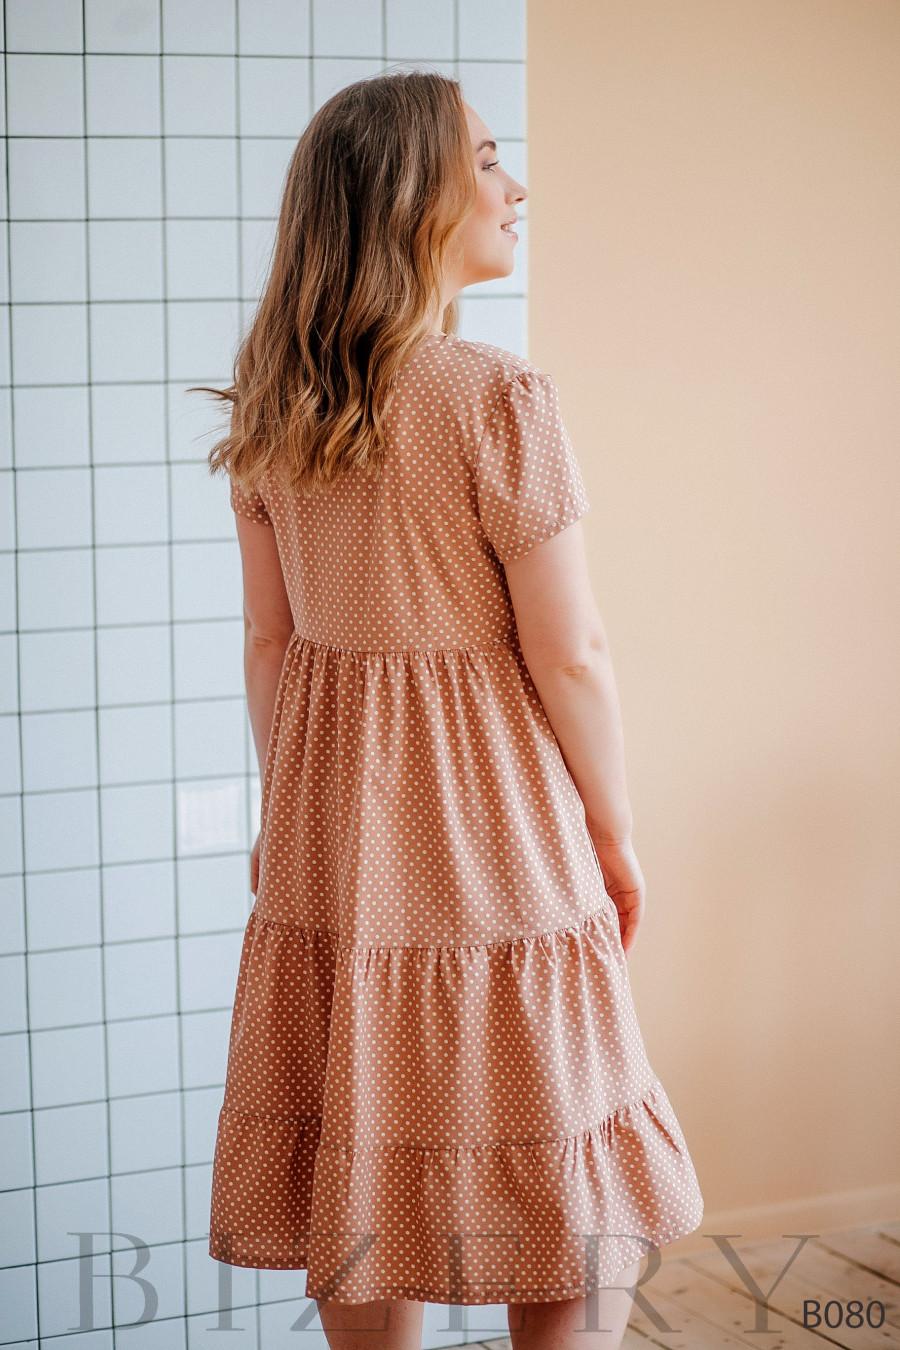 Нежное легкое платье цвета капучино в мелкий горошек